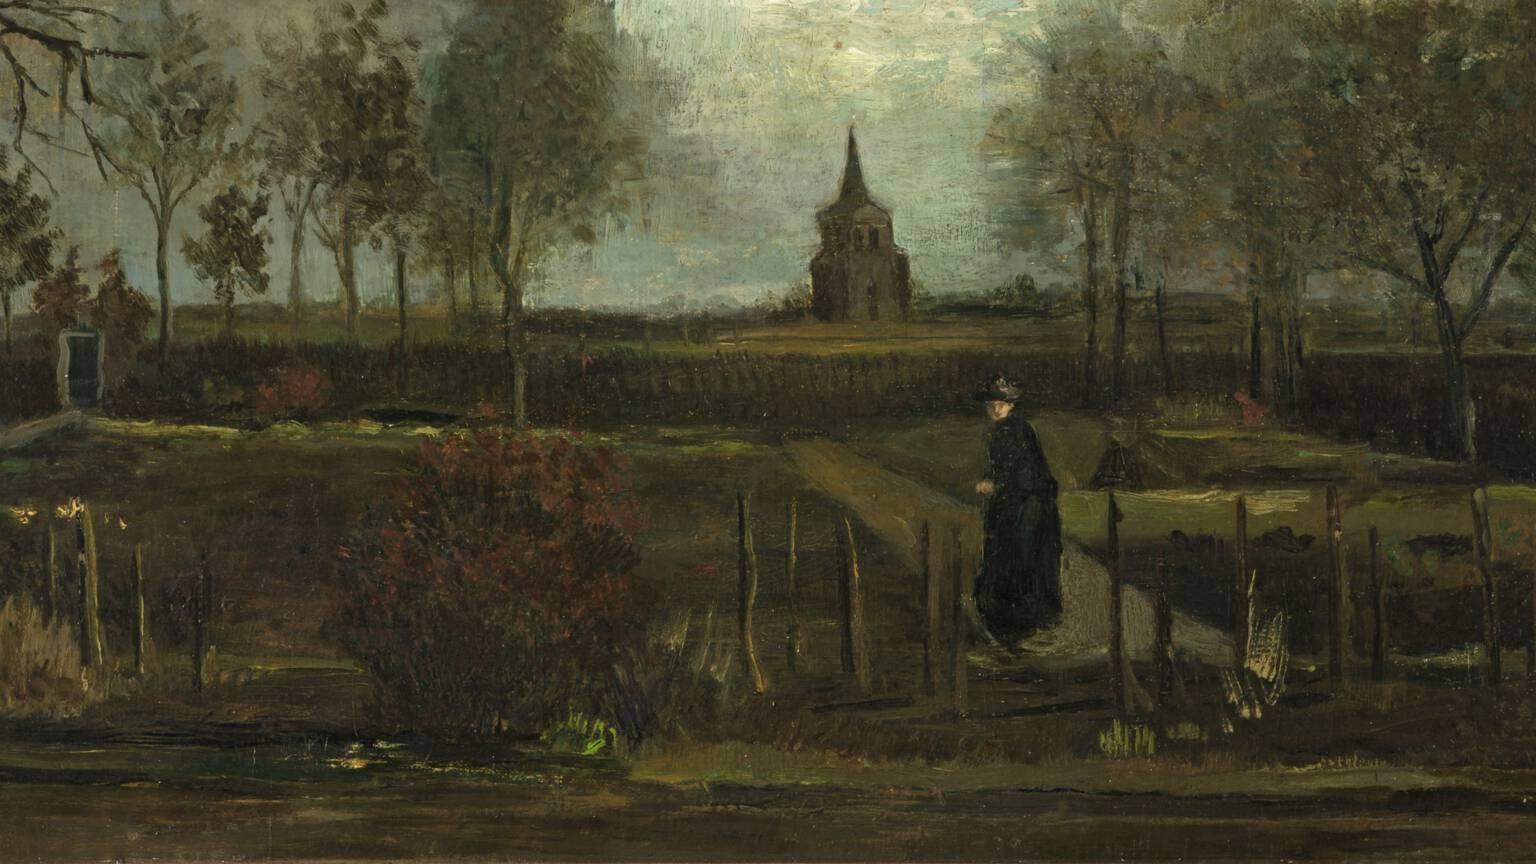 В Нидерландах похитили картину Ван Гога из музея, закрытого на карантин